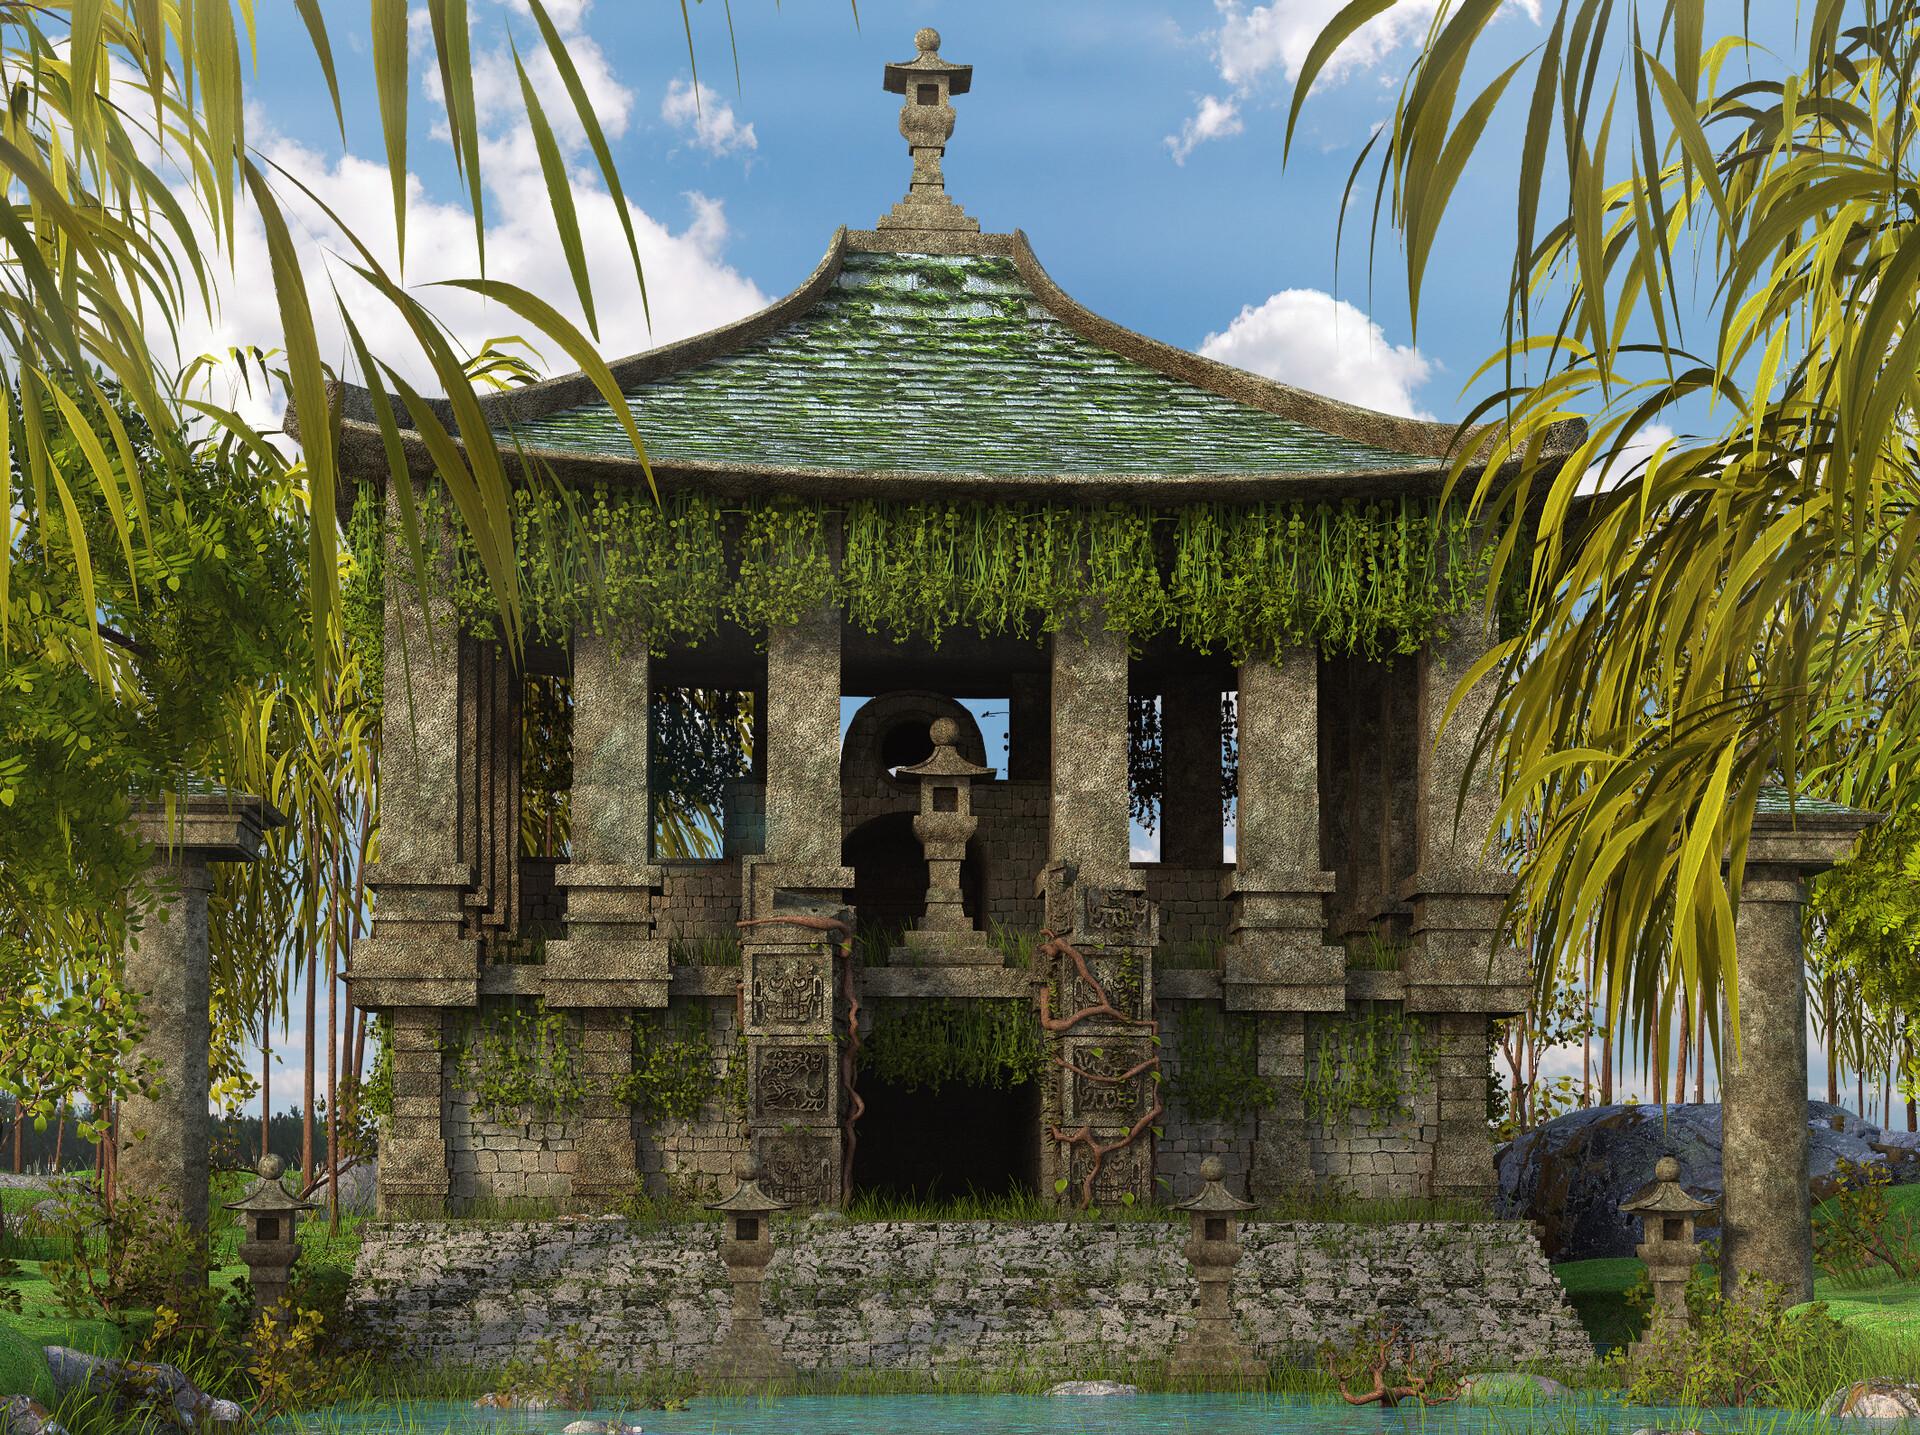 Marc mons temple2